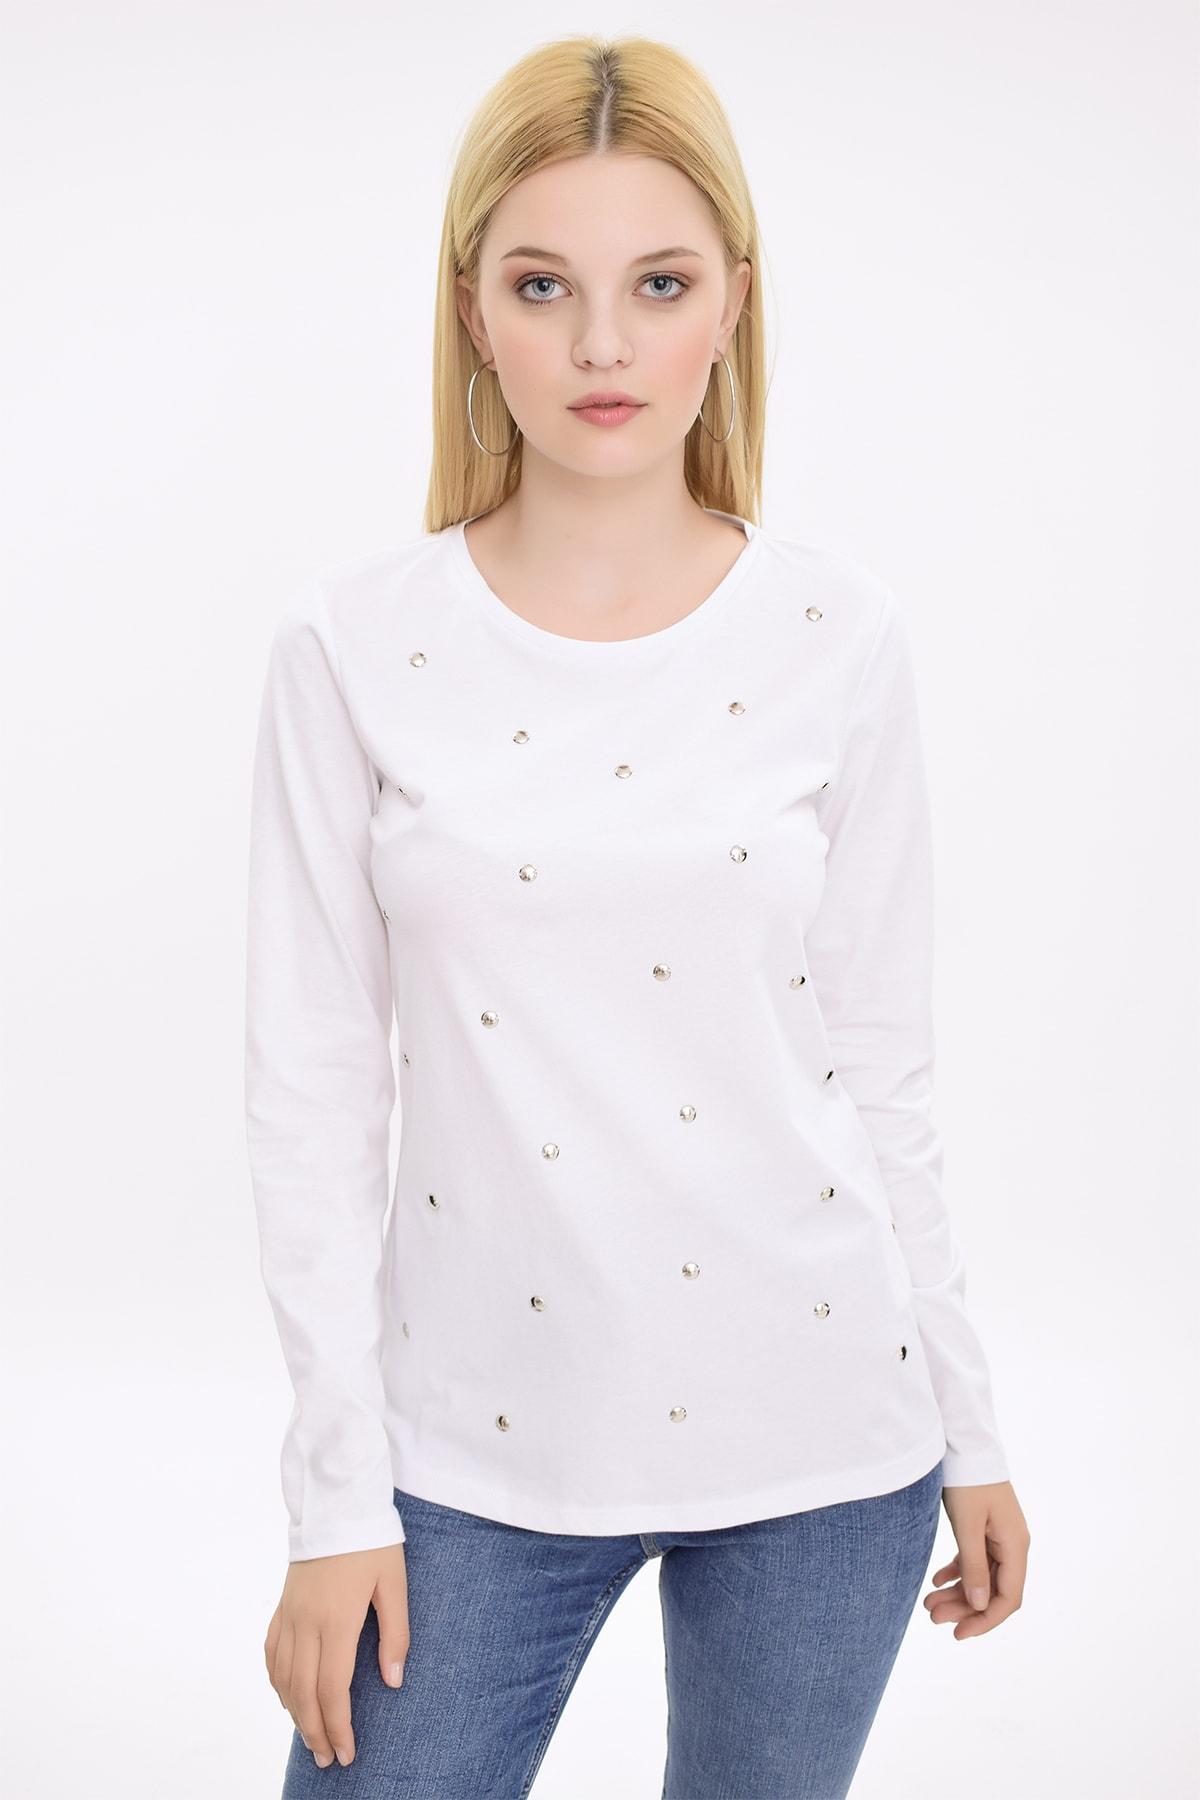 Hanna's by Hanna Darsa Kadın Beyaz Metal Boncuk İşlemeli Uzun Kollu Bluz HN2079 1